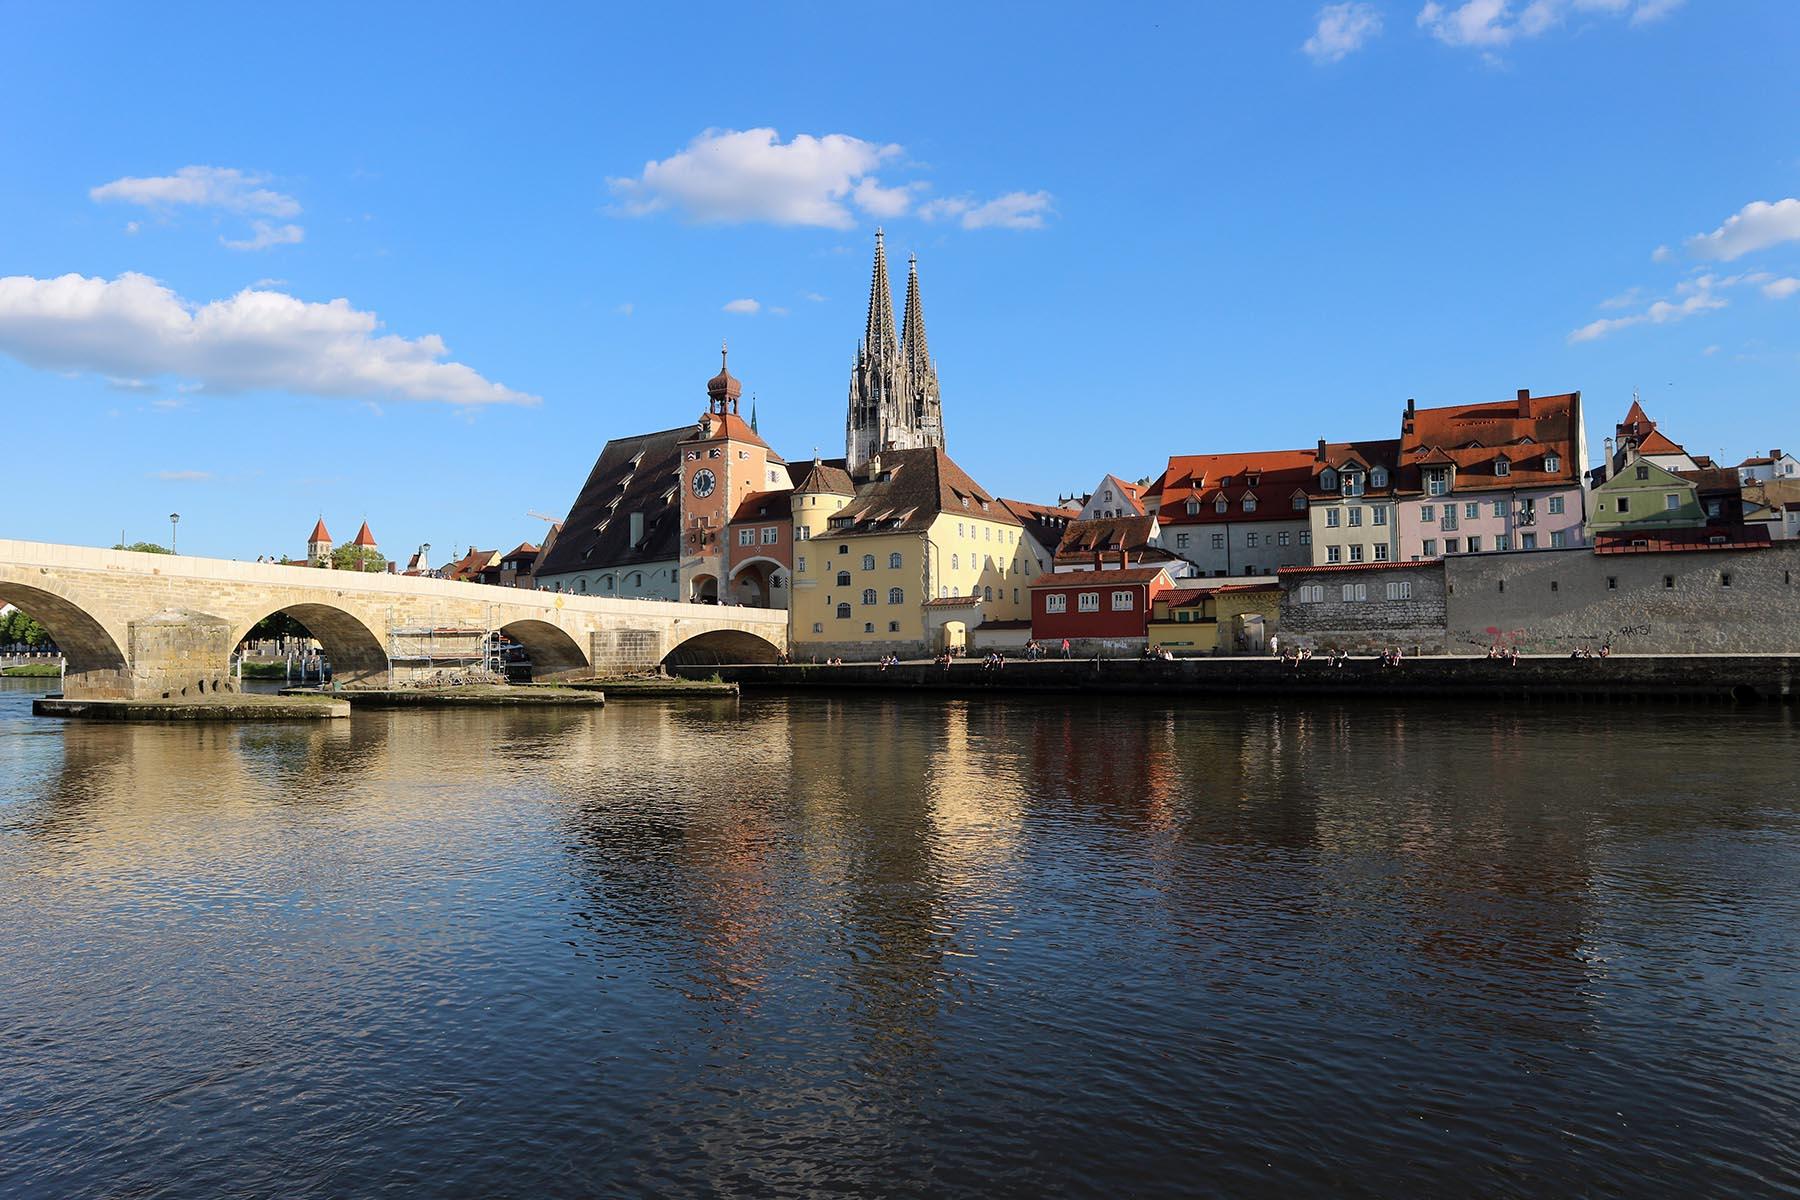 Pracht.  Manche Städte müssen sich mit ihrem Canaletto-Blick aufblähen. Regensburg braucht das nicht.